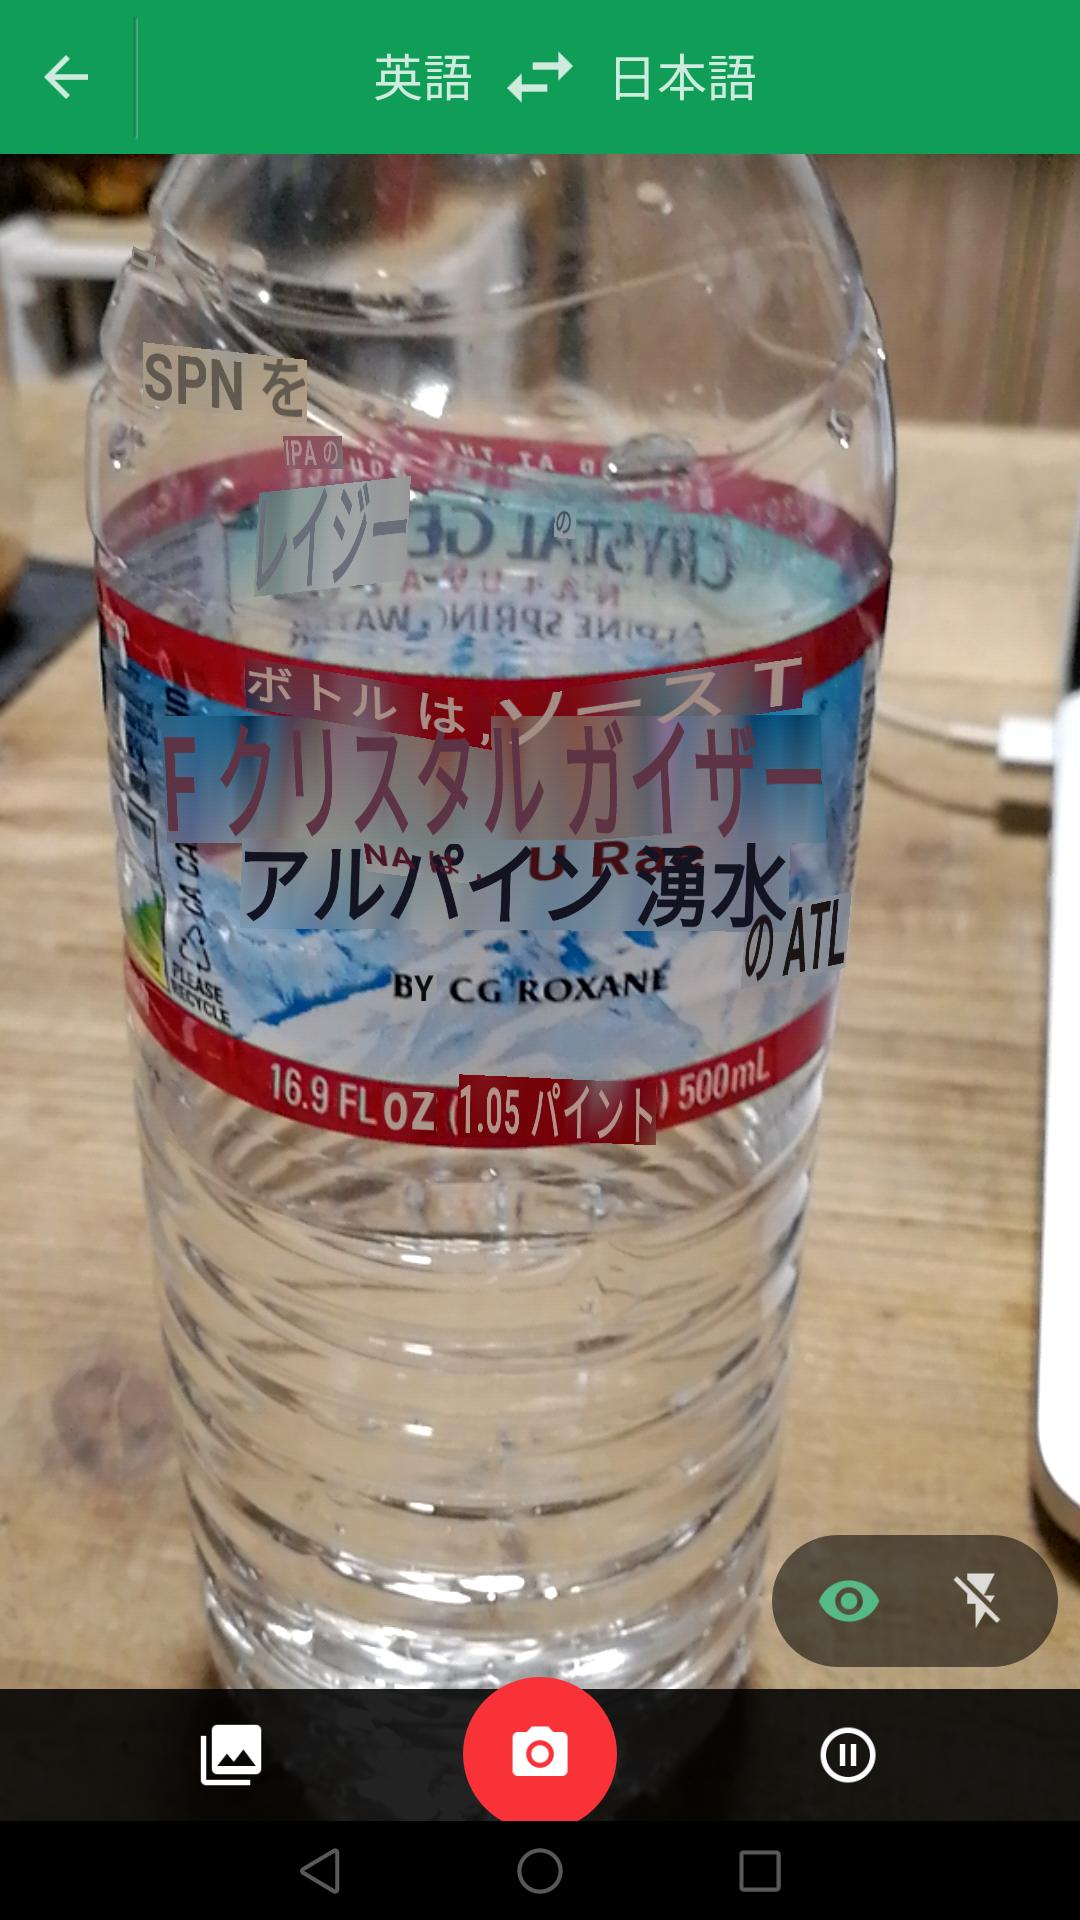 表示したものをリアルタイムに翻訳してくれるので、標識やメニューを読むのに便利な「リアルタイムカメラ翻訳」